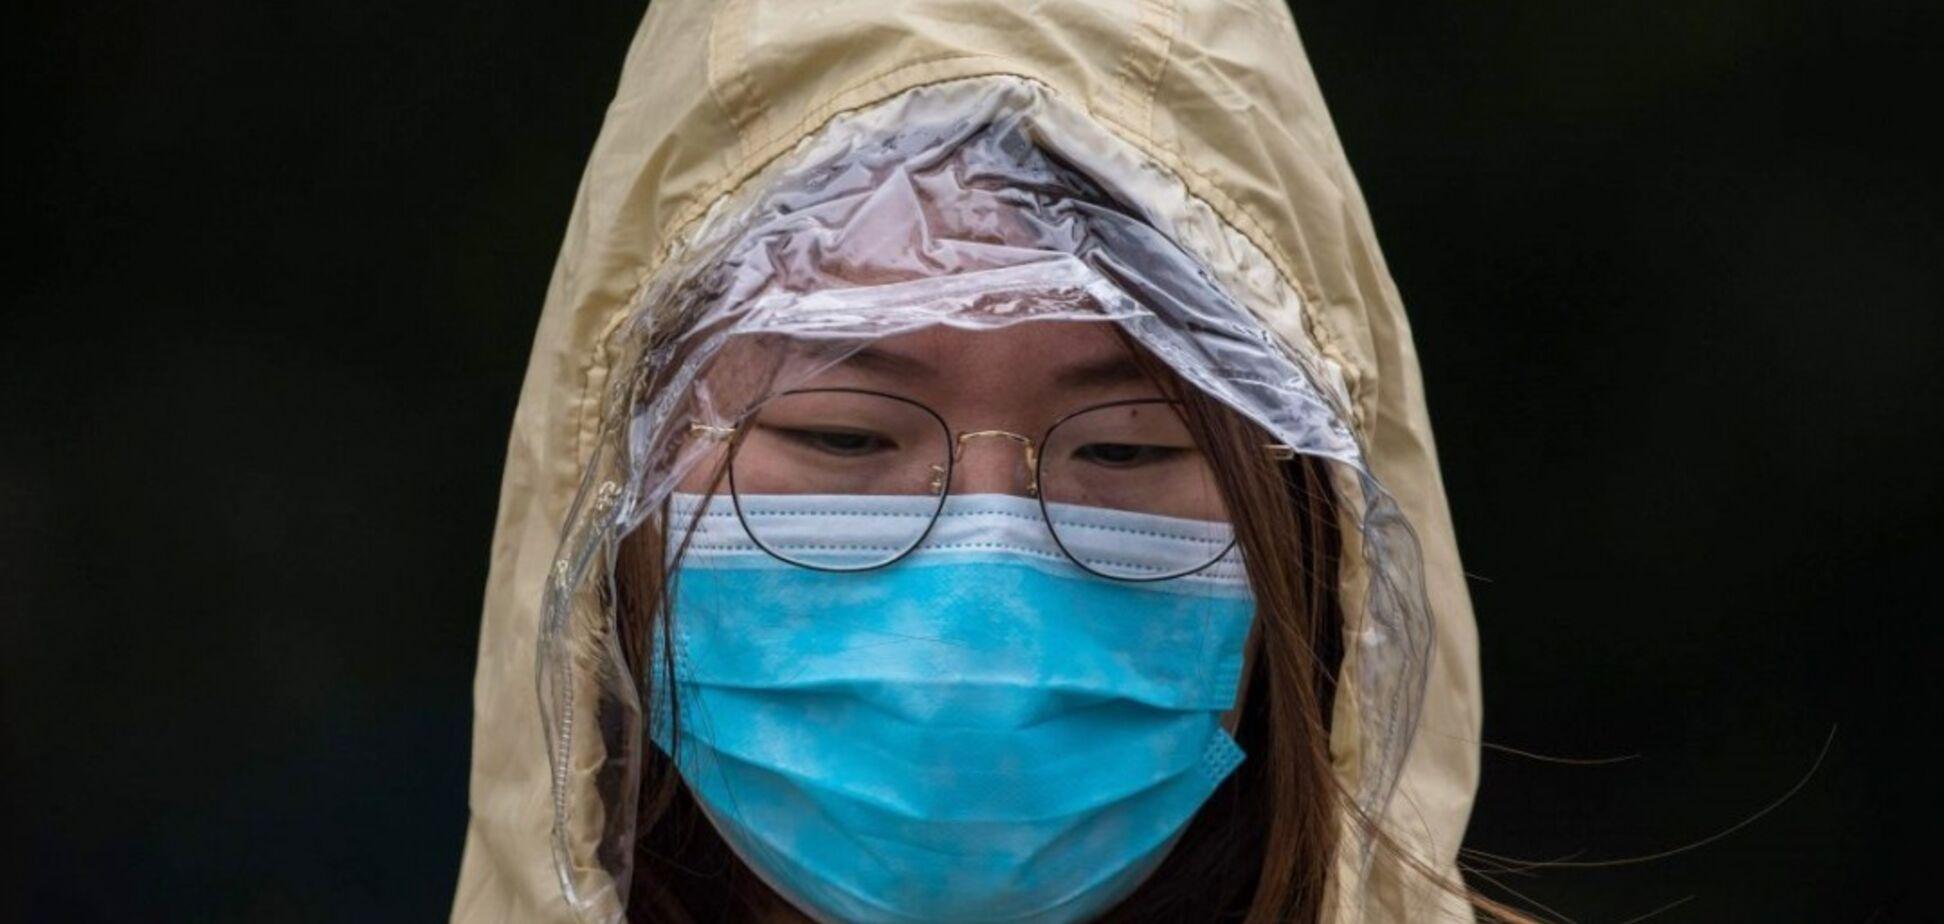 За жарознижувальне – на карантин: Китай затвердив нові заходи стримування епідемії